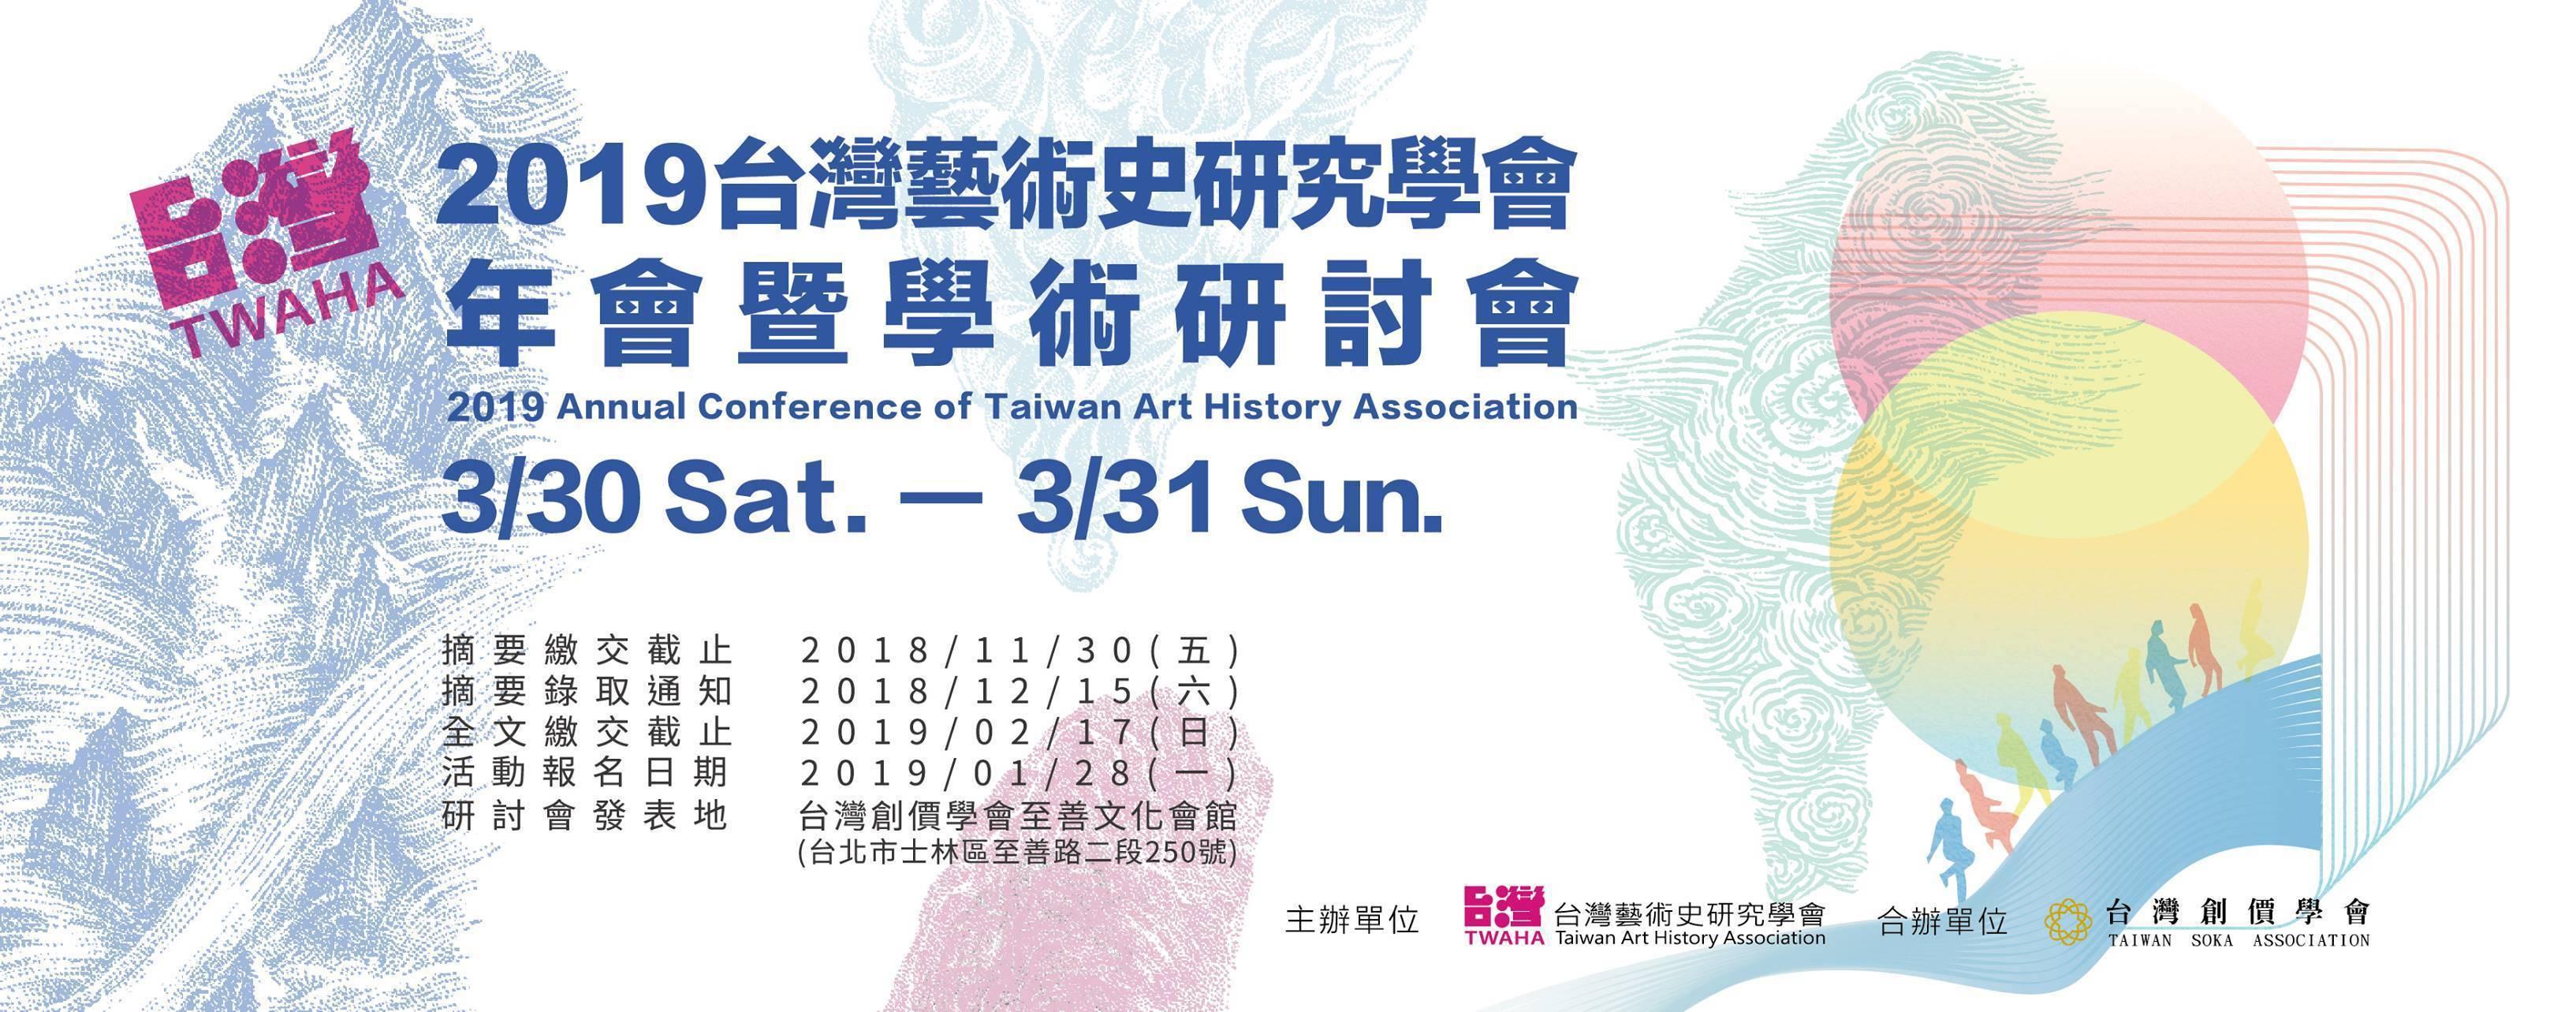 2019台灣藝術史研究學會年會暨學術研討會徵稿。圖/台灣藝術史研究學會提供